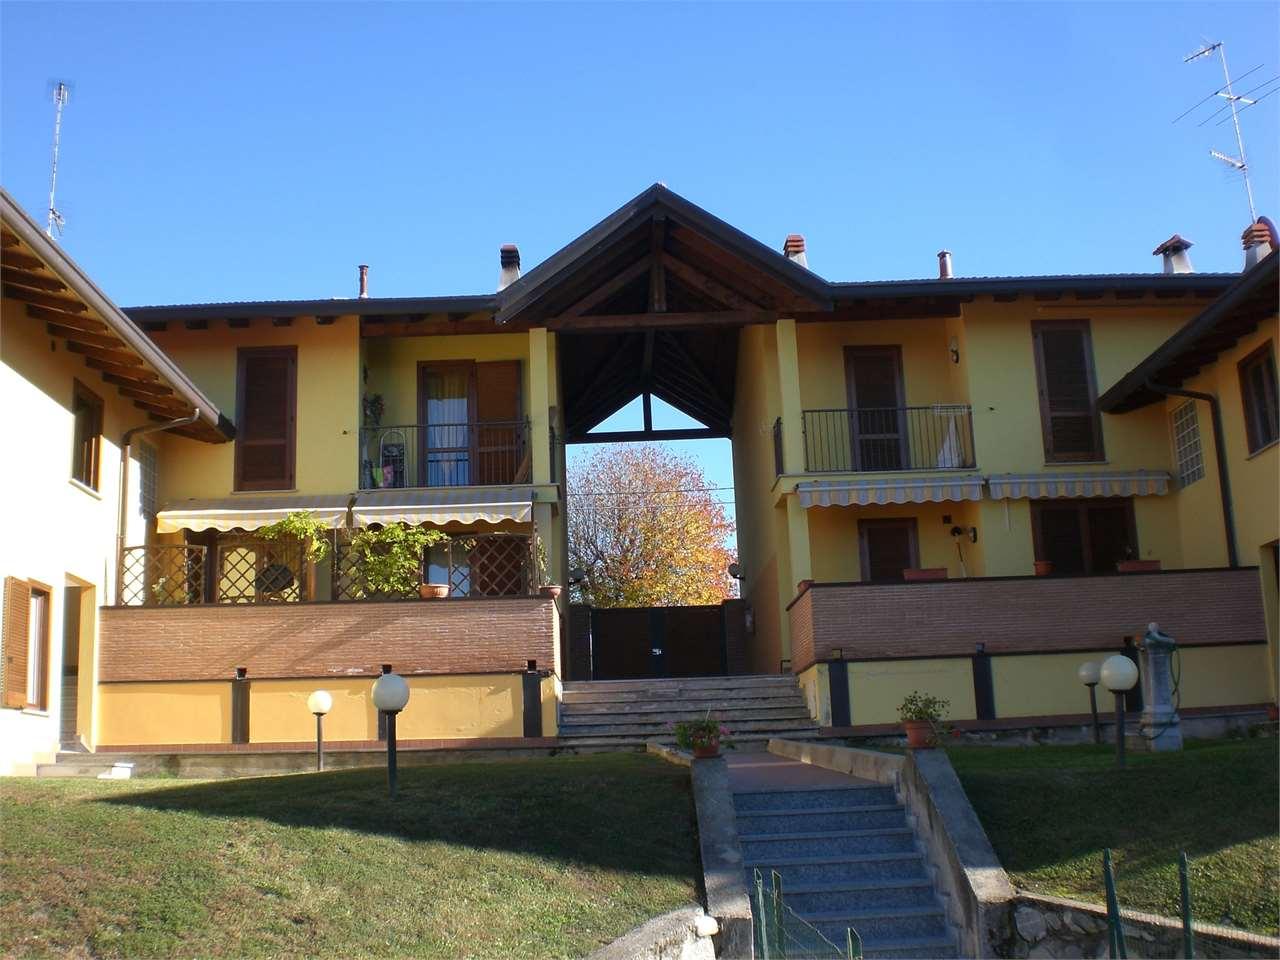 Appartamento in vendita a Osmate, 4 locali, prezzo € 215.000 | CambioCasa.it